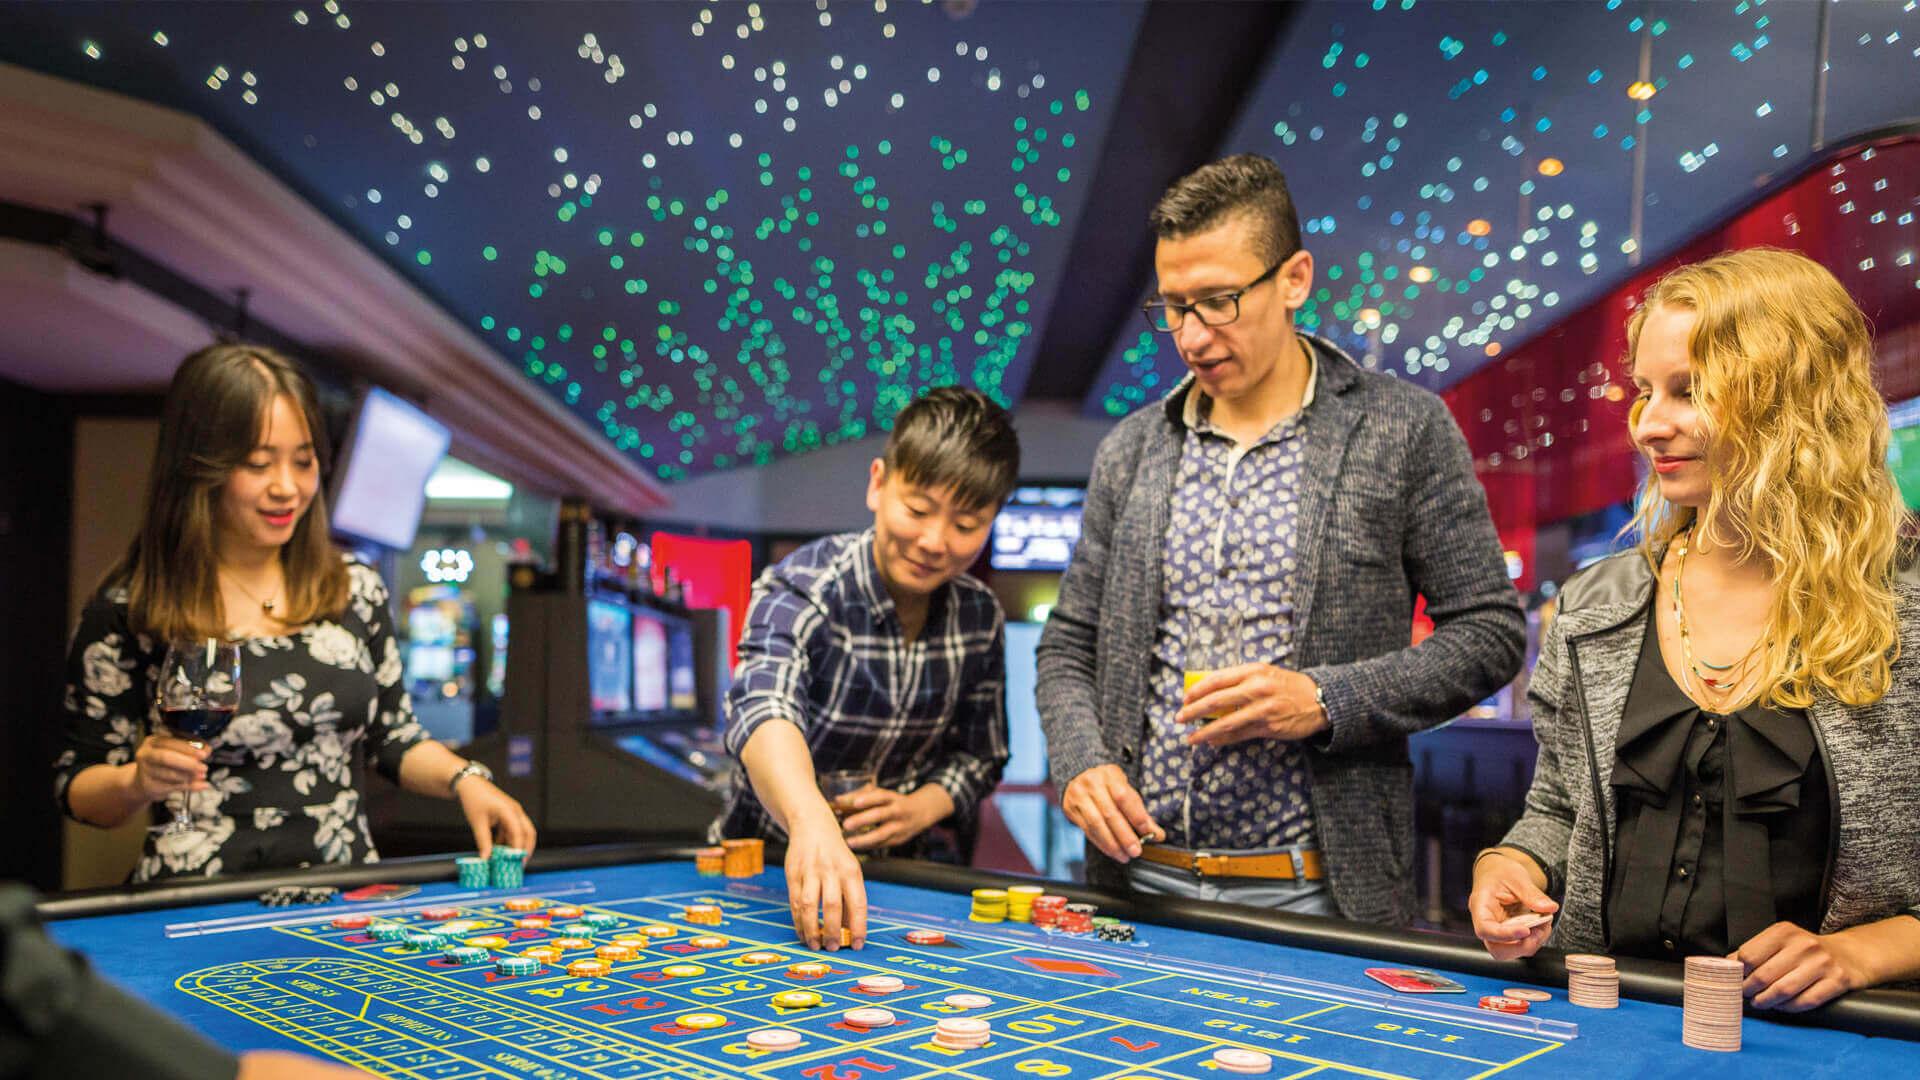 interlaken-casino-kursaal-roulette-glueck-spiel-geld